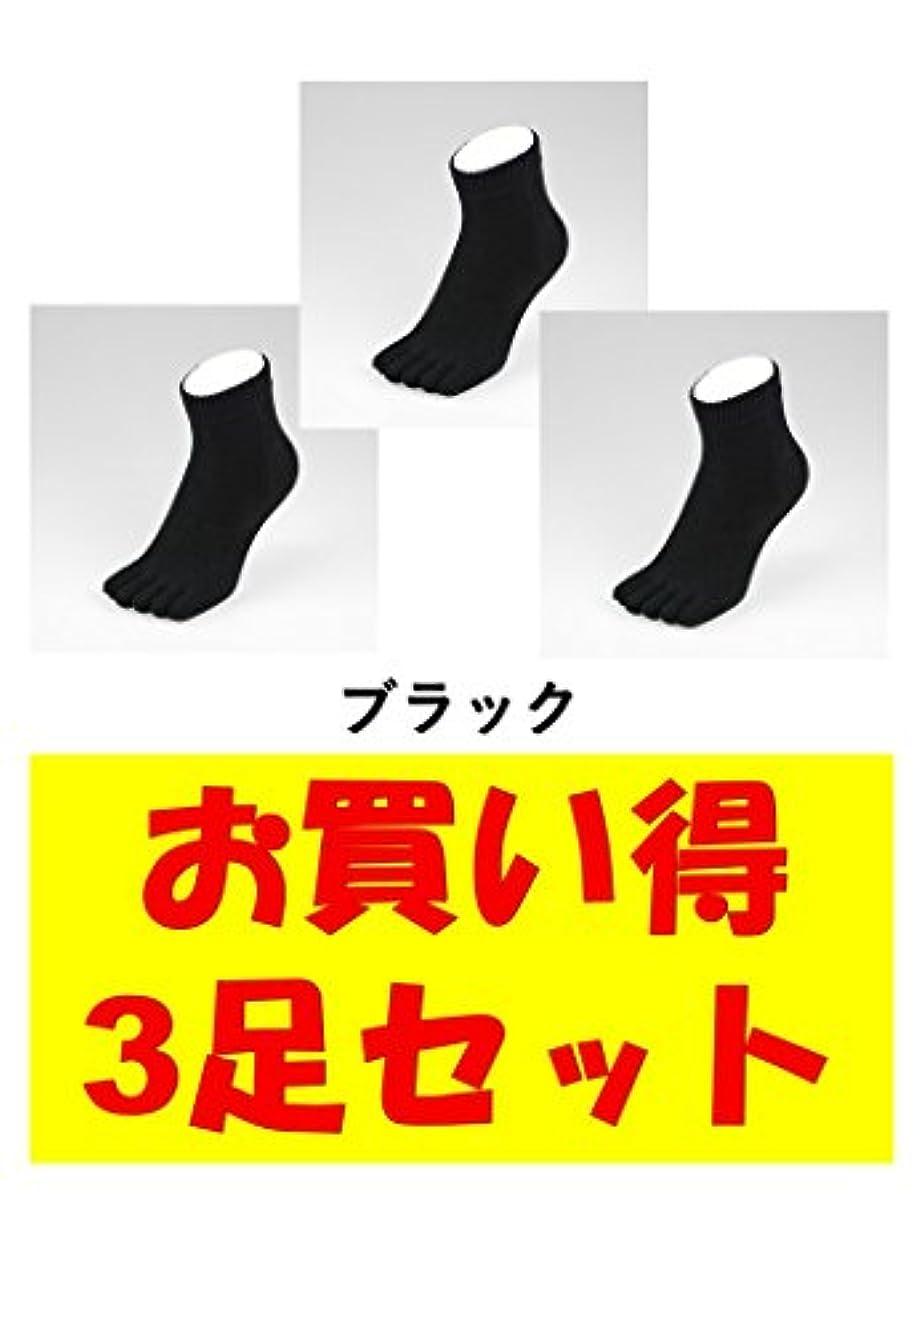 明快申込み性的お買い得3足セット 5本指 ゆびのばソックス Neo EVE(イヴ) ブラック iサイズ(23.5cm - 25.5cm) YSNEVE-BLK